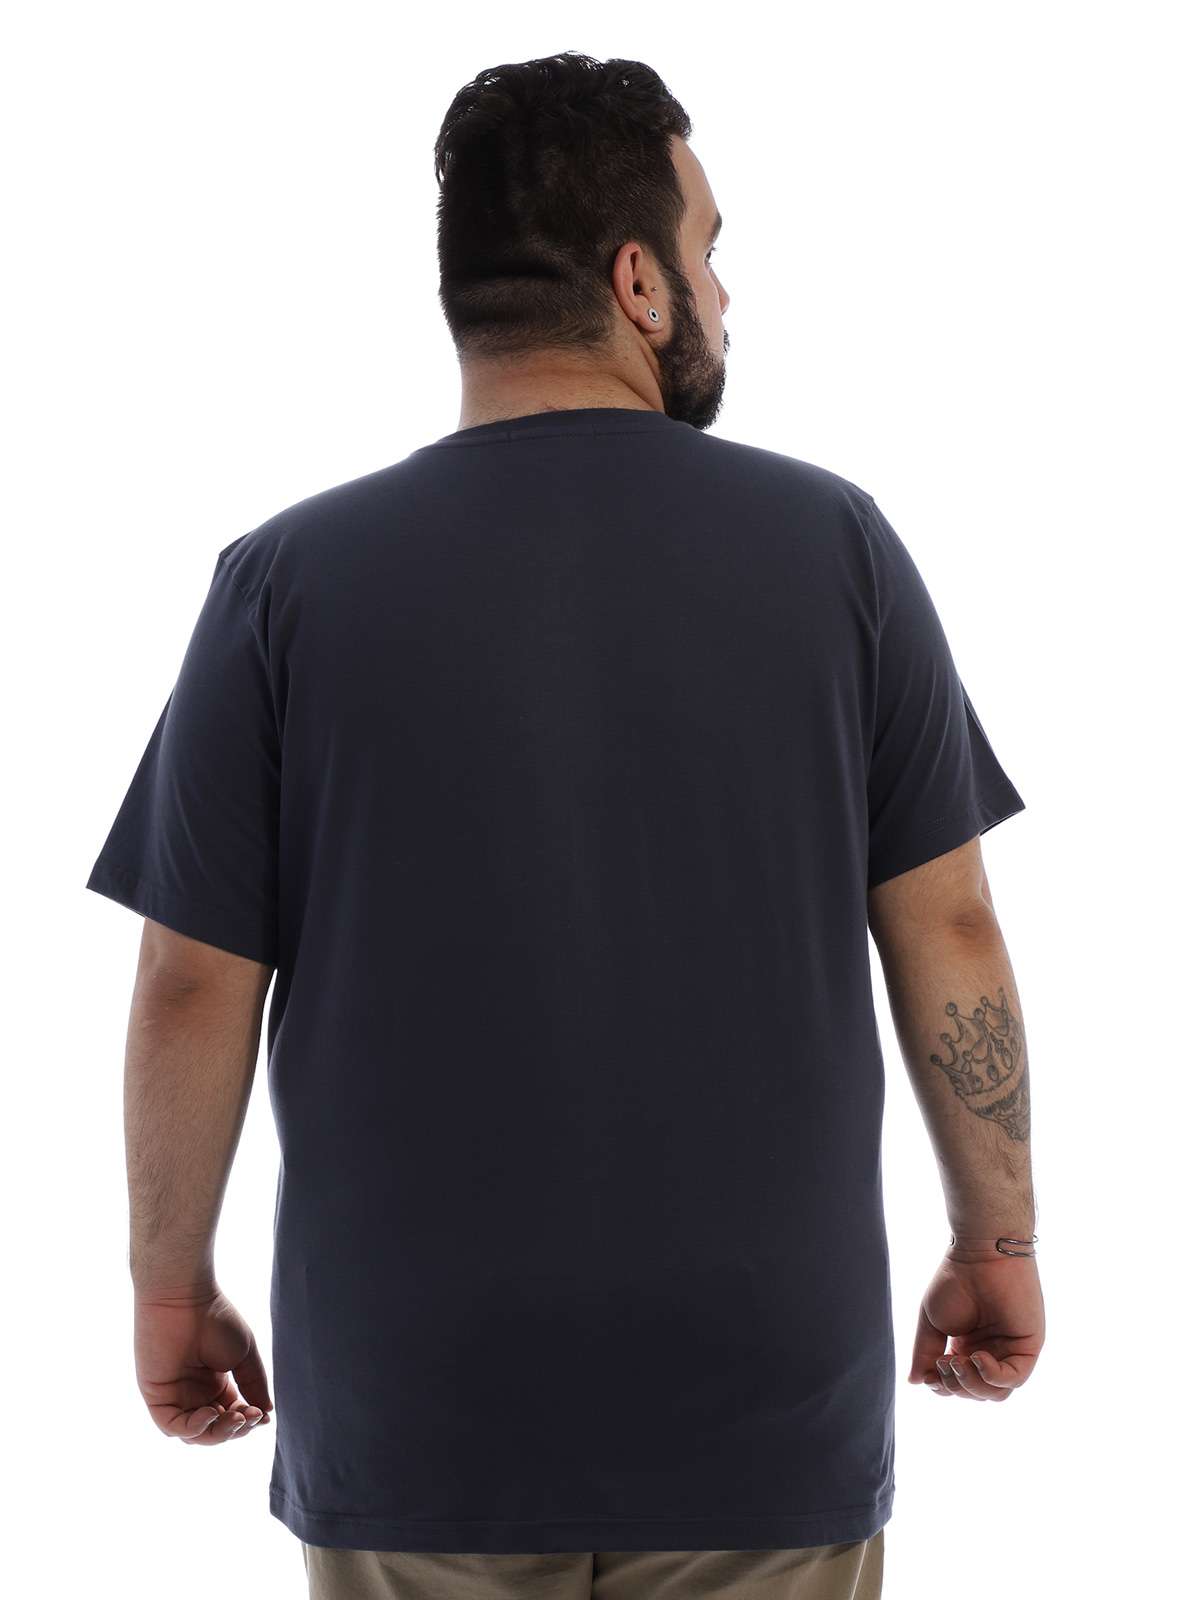 Camiseta Plus Size Masculina Algodão Anistia Leão Grafite